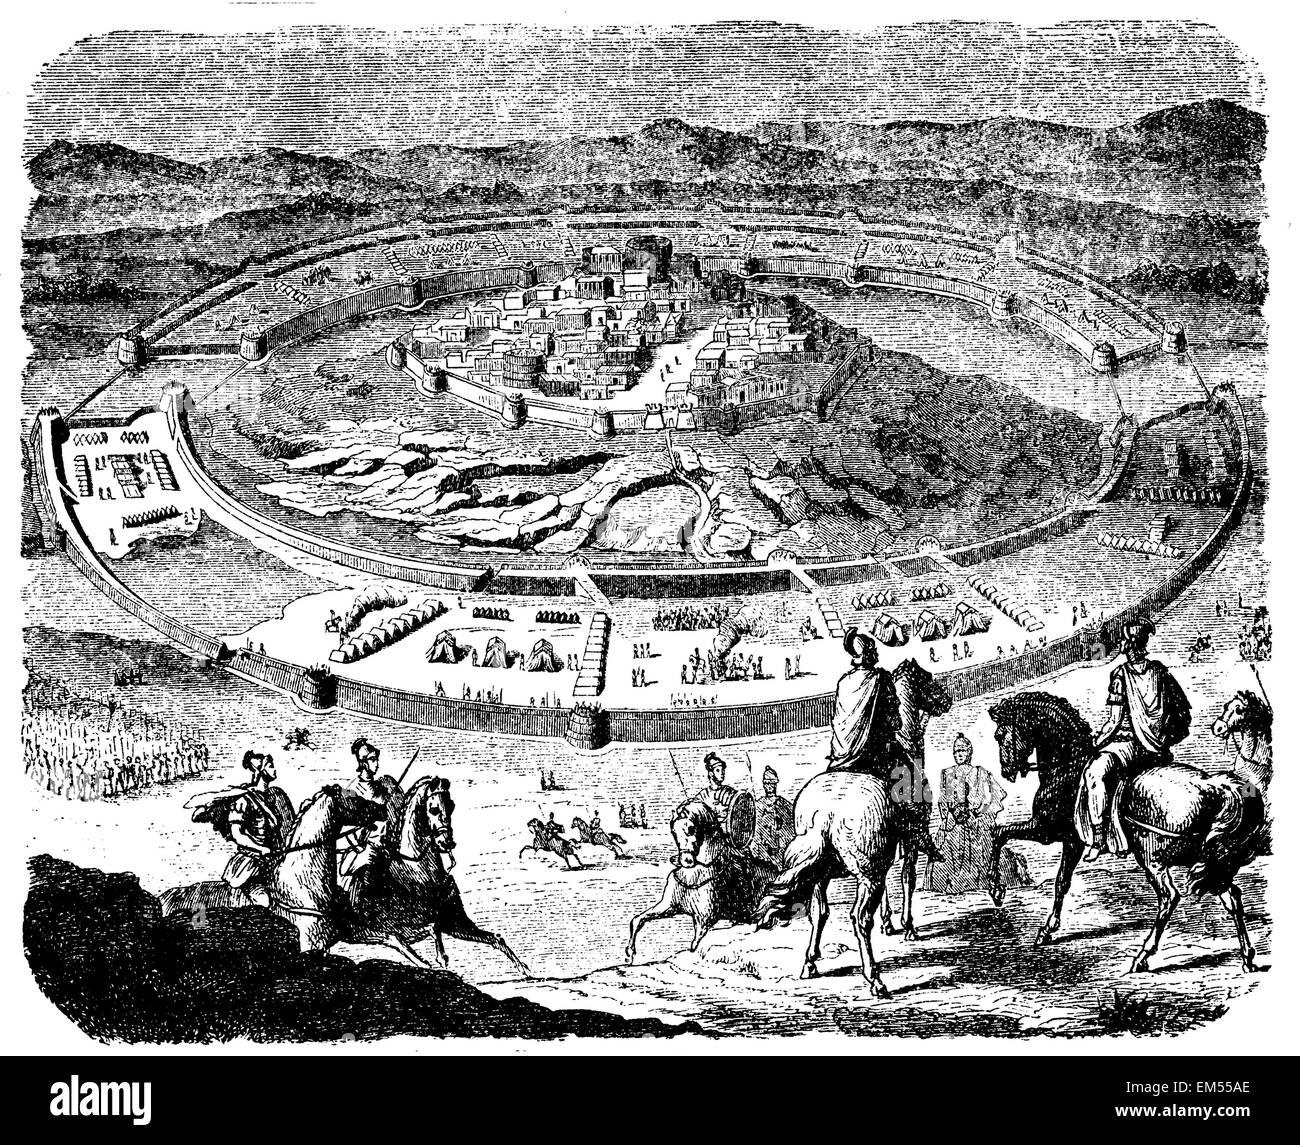 siege of Numancia by Scipio - Stock Image